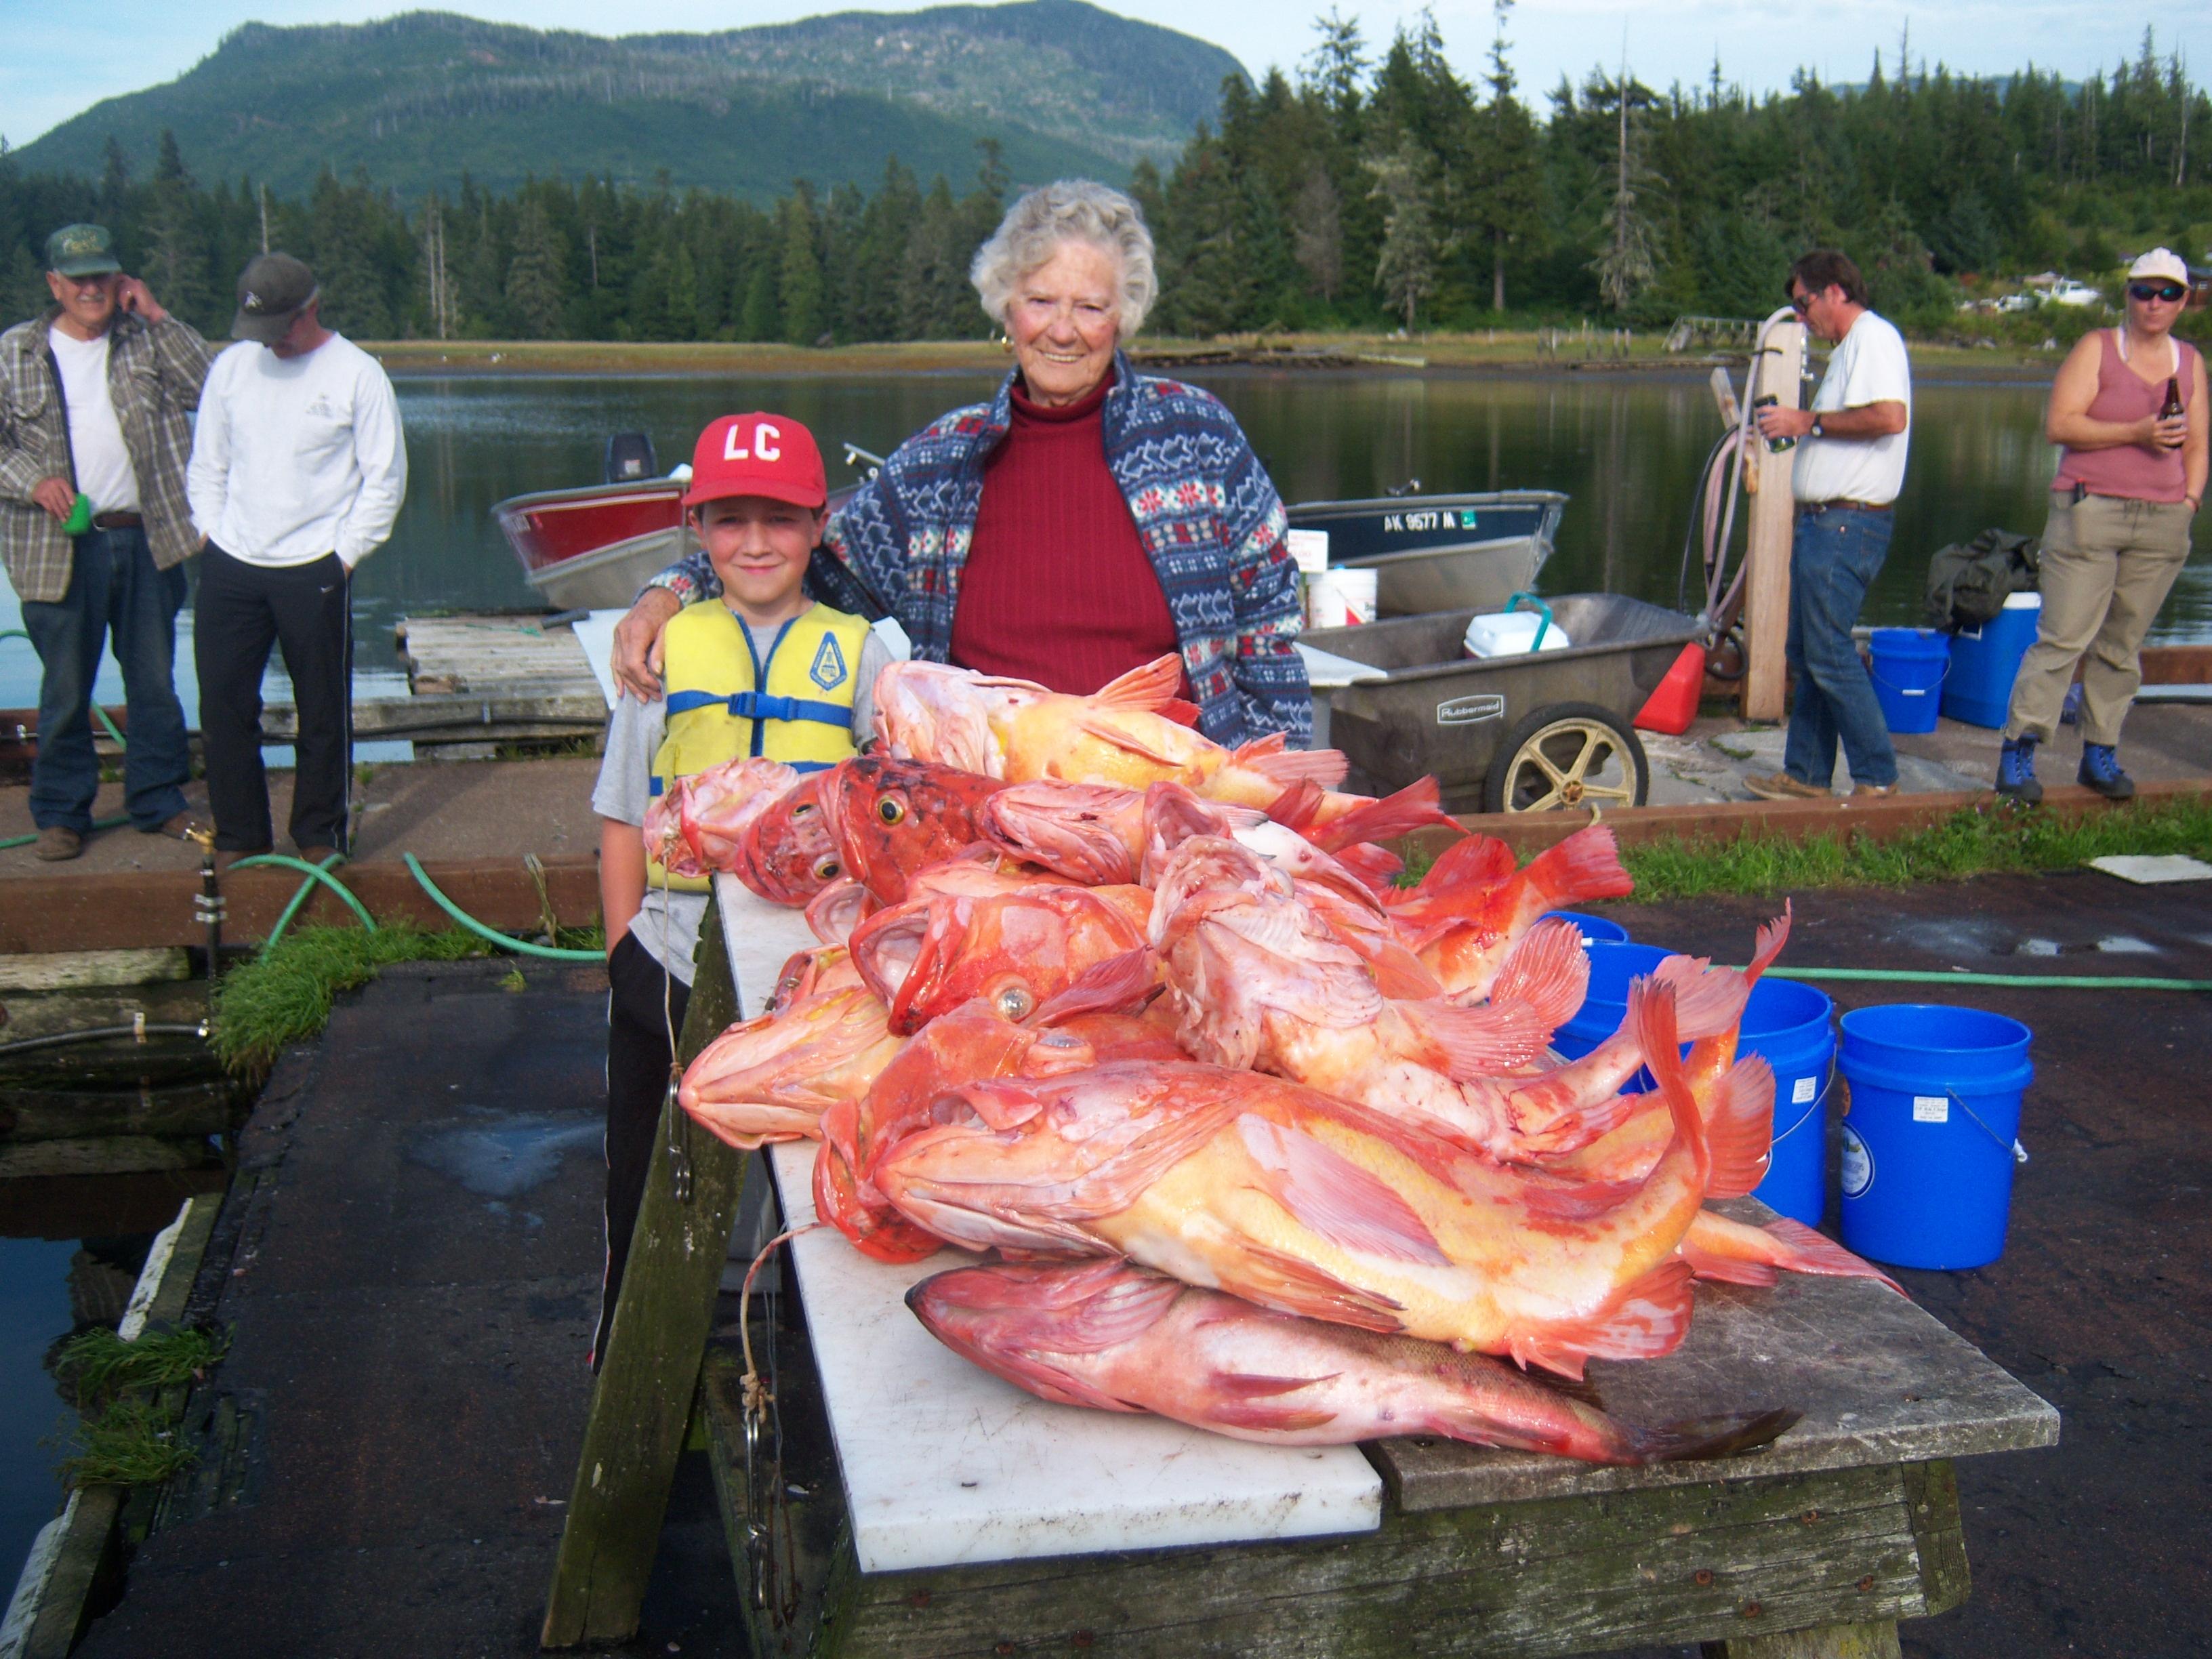 Alaska's Log Cabin Resort